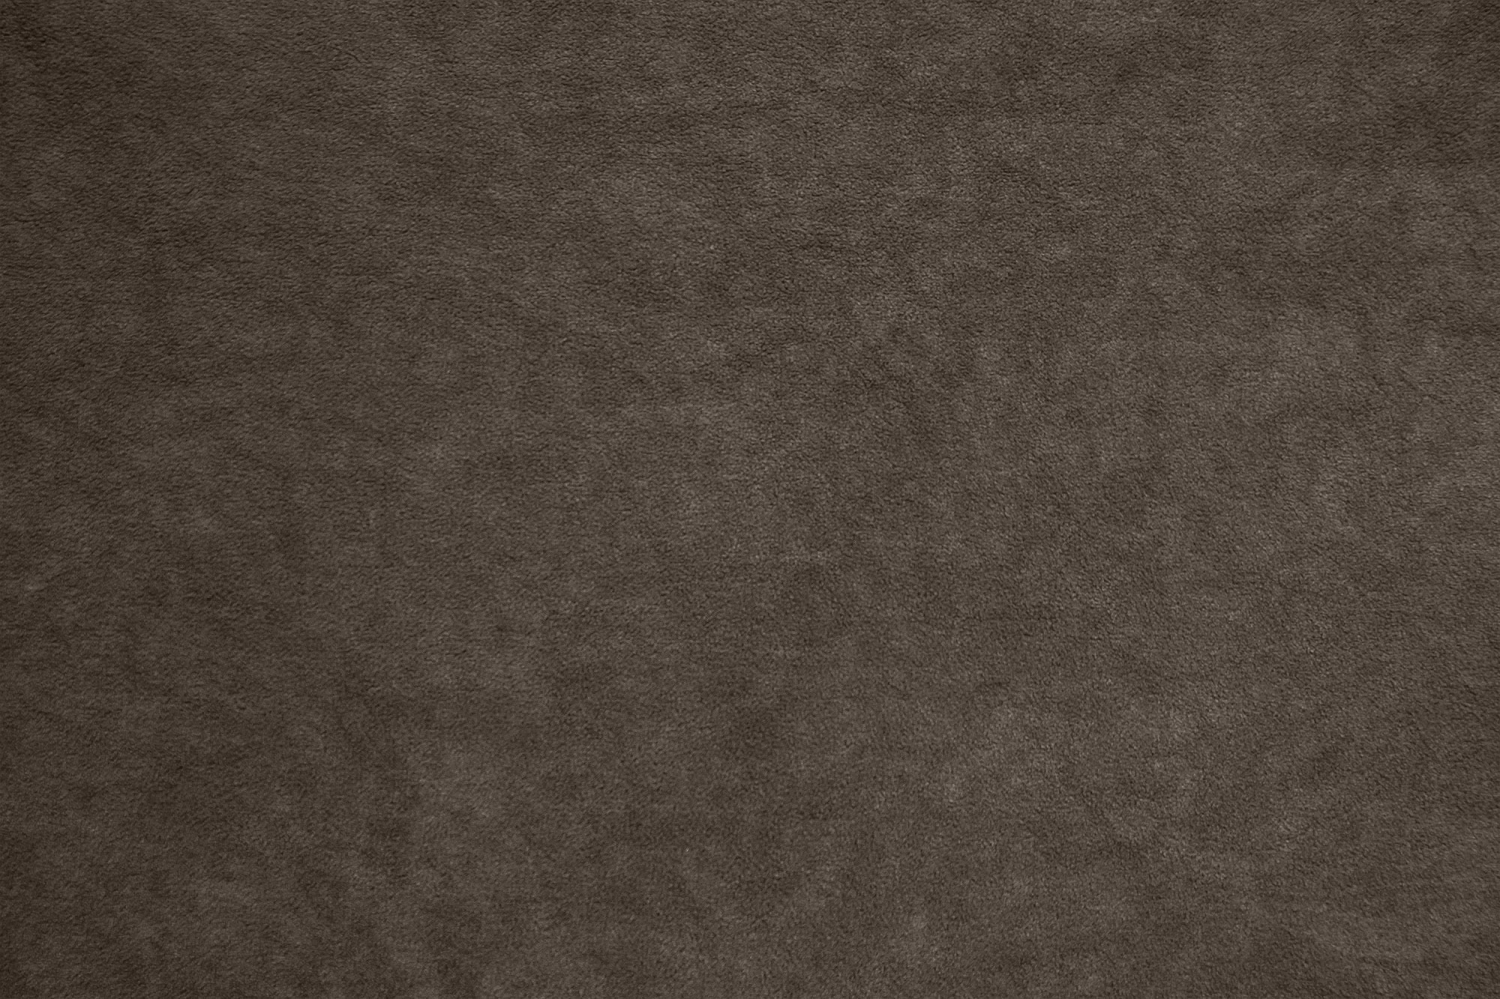 Коллекция ткани Omega 16,  купить ткань Велюр для мебели Украина